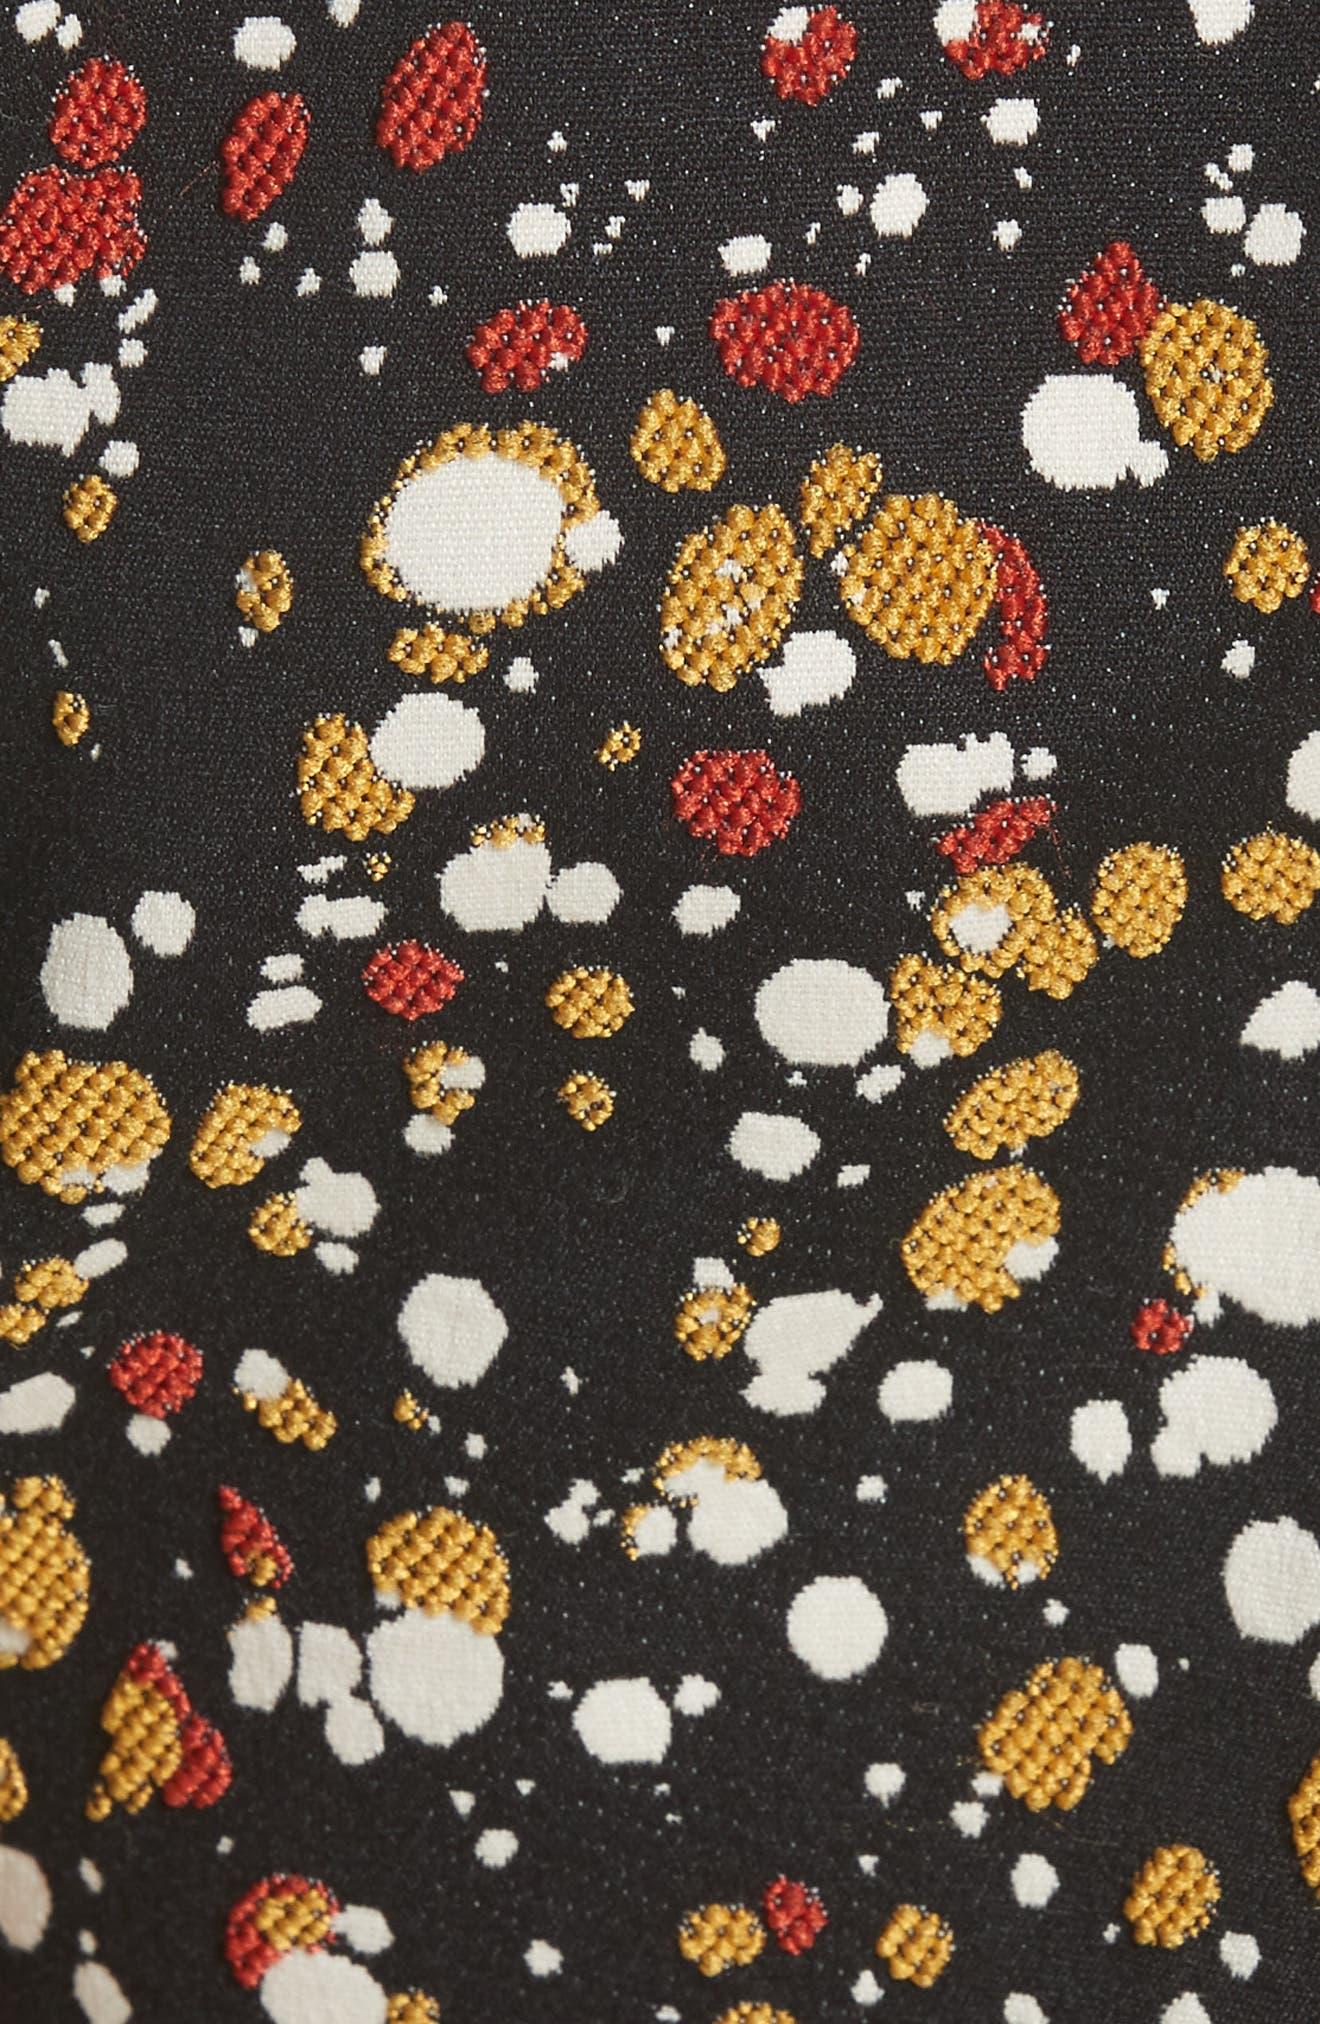 Marble Jacquard Dress,                             Alternate thumbnail 5, color,                             001